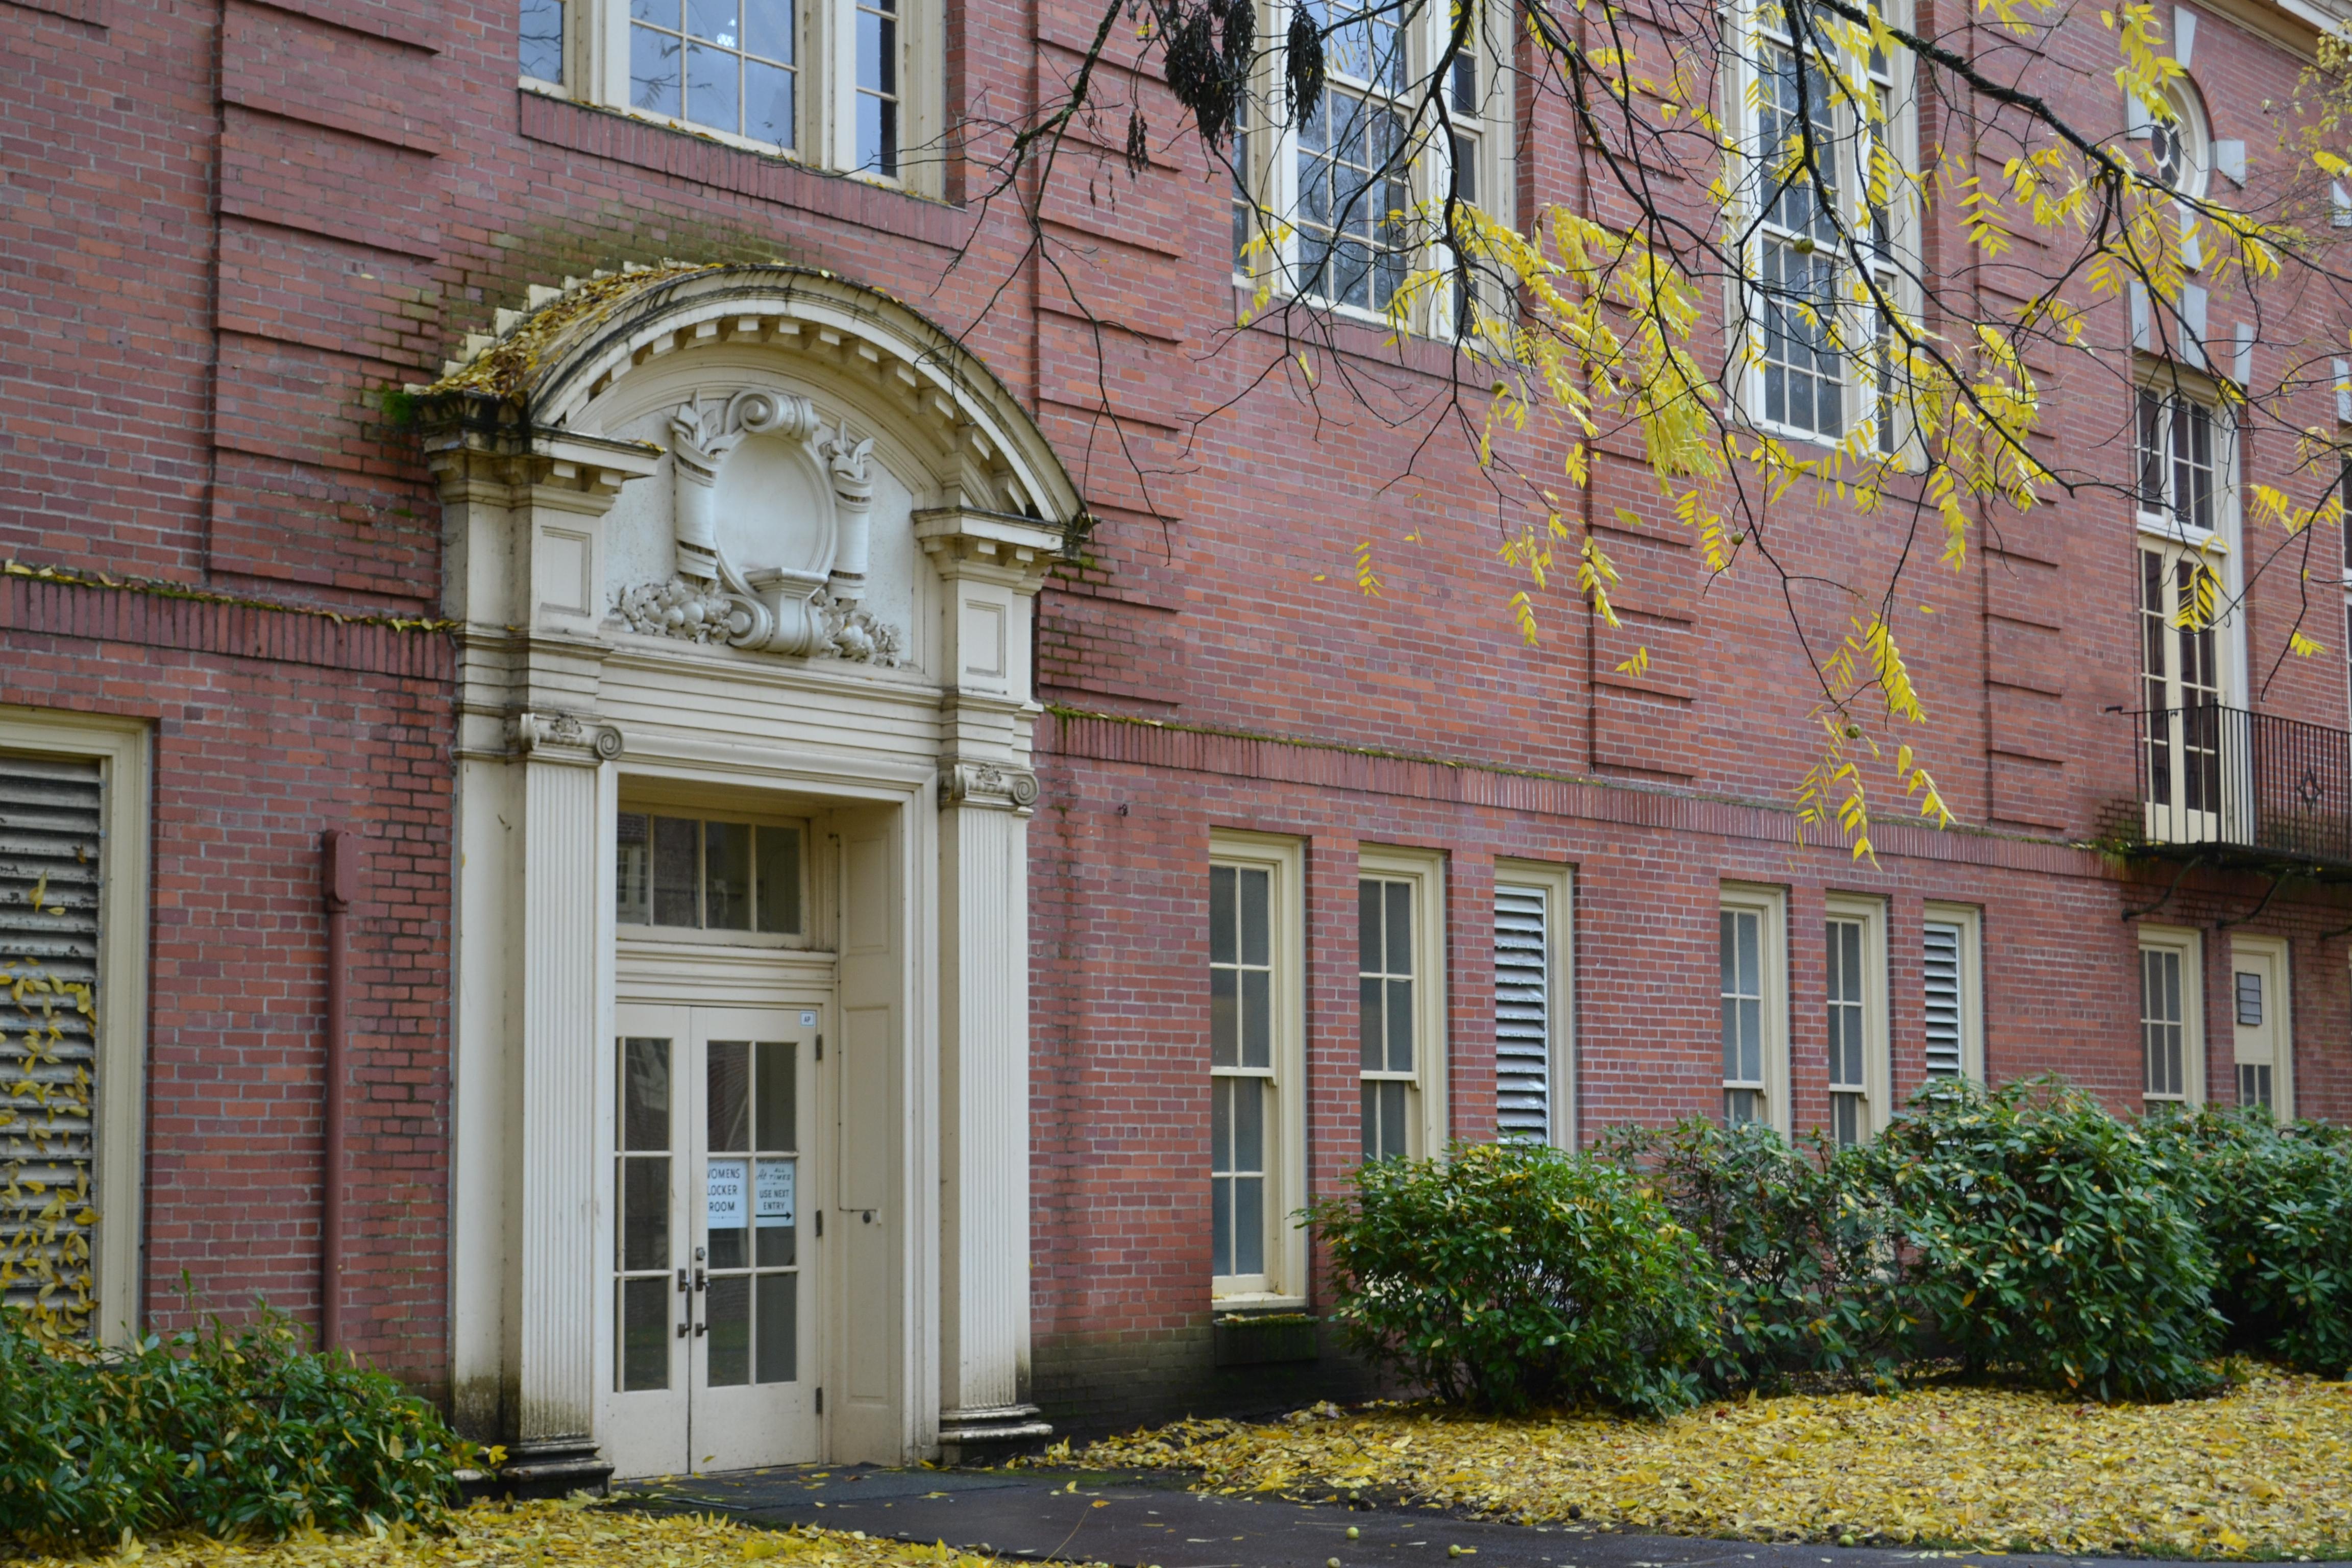 FileGerlinger Hall Door (University of Oregon).jpg & File:Gerlinger Hall Door (University of Oregon).jpg - Wikimedia Commons